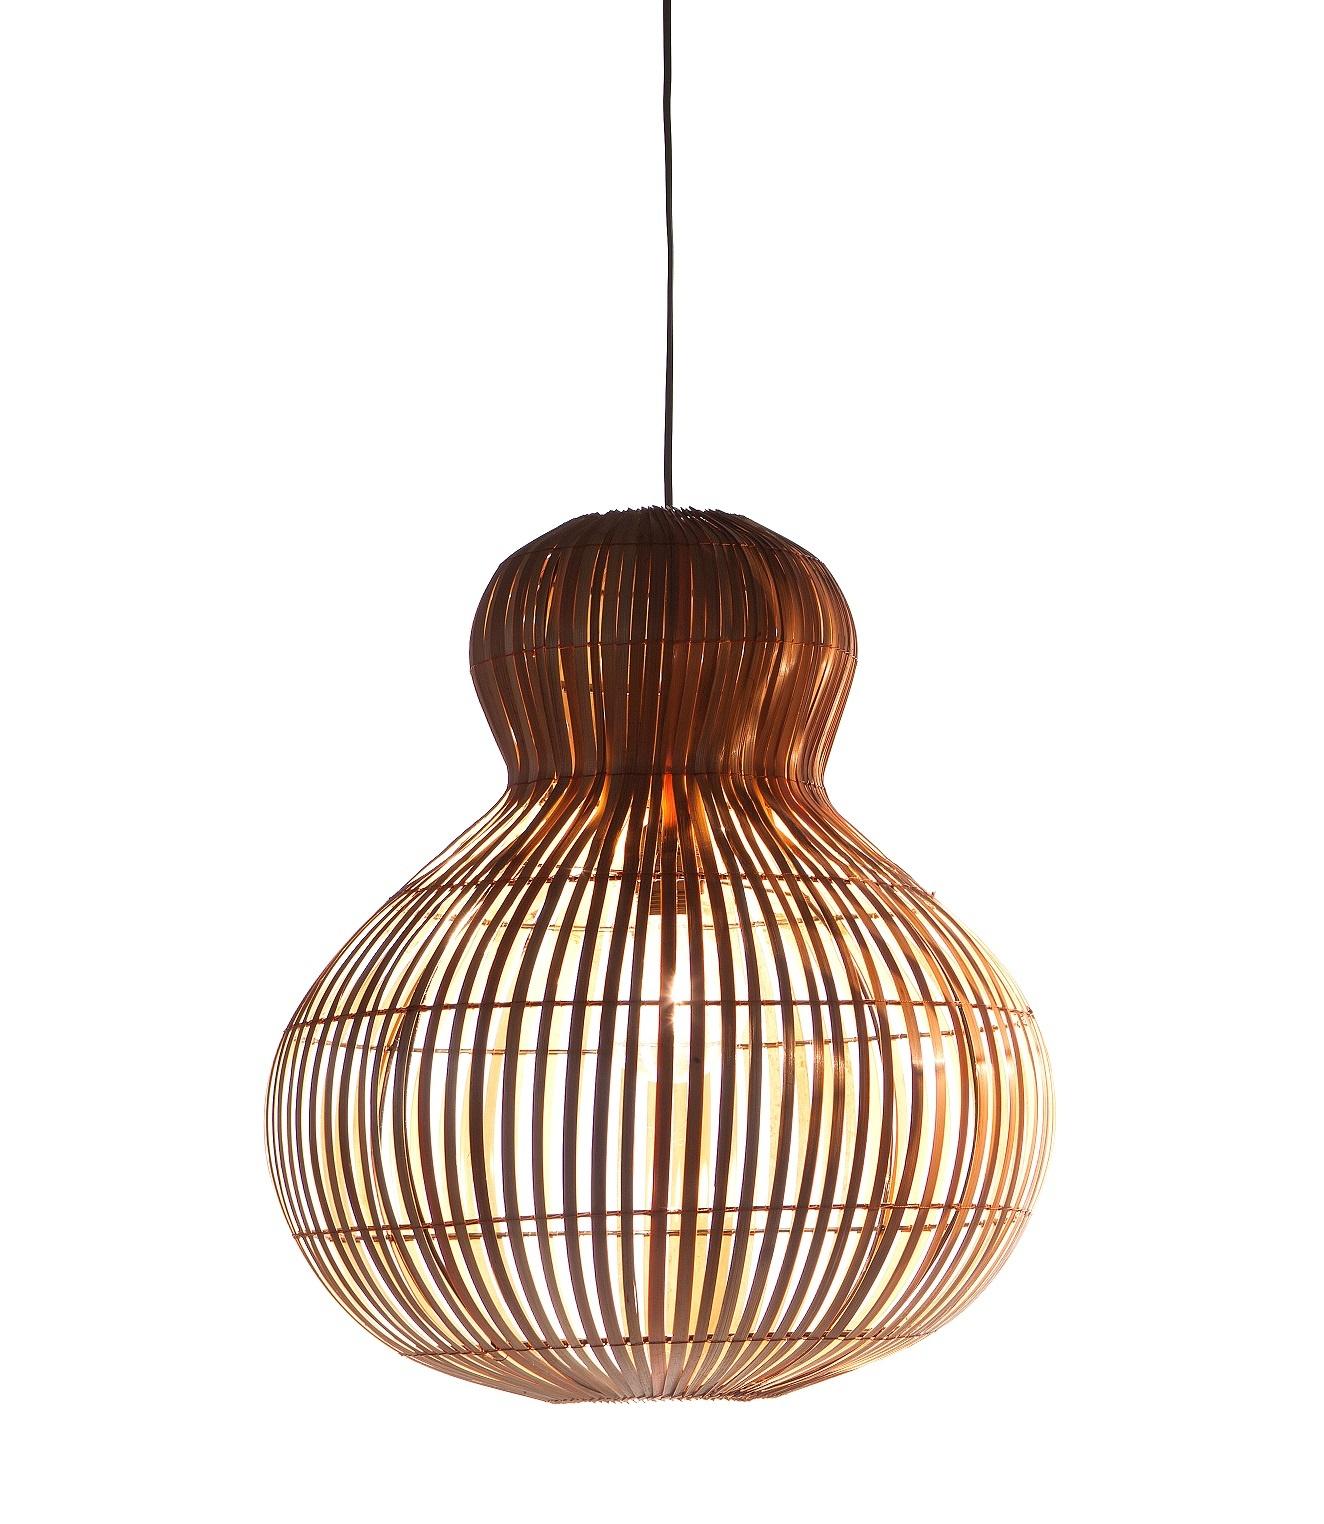 Hanglamp Labu Rotan 50cm      7061282788621